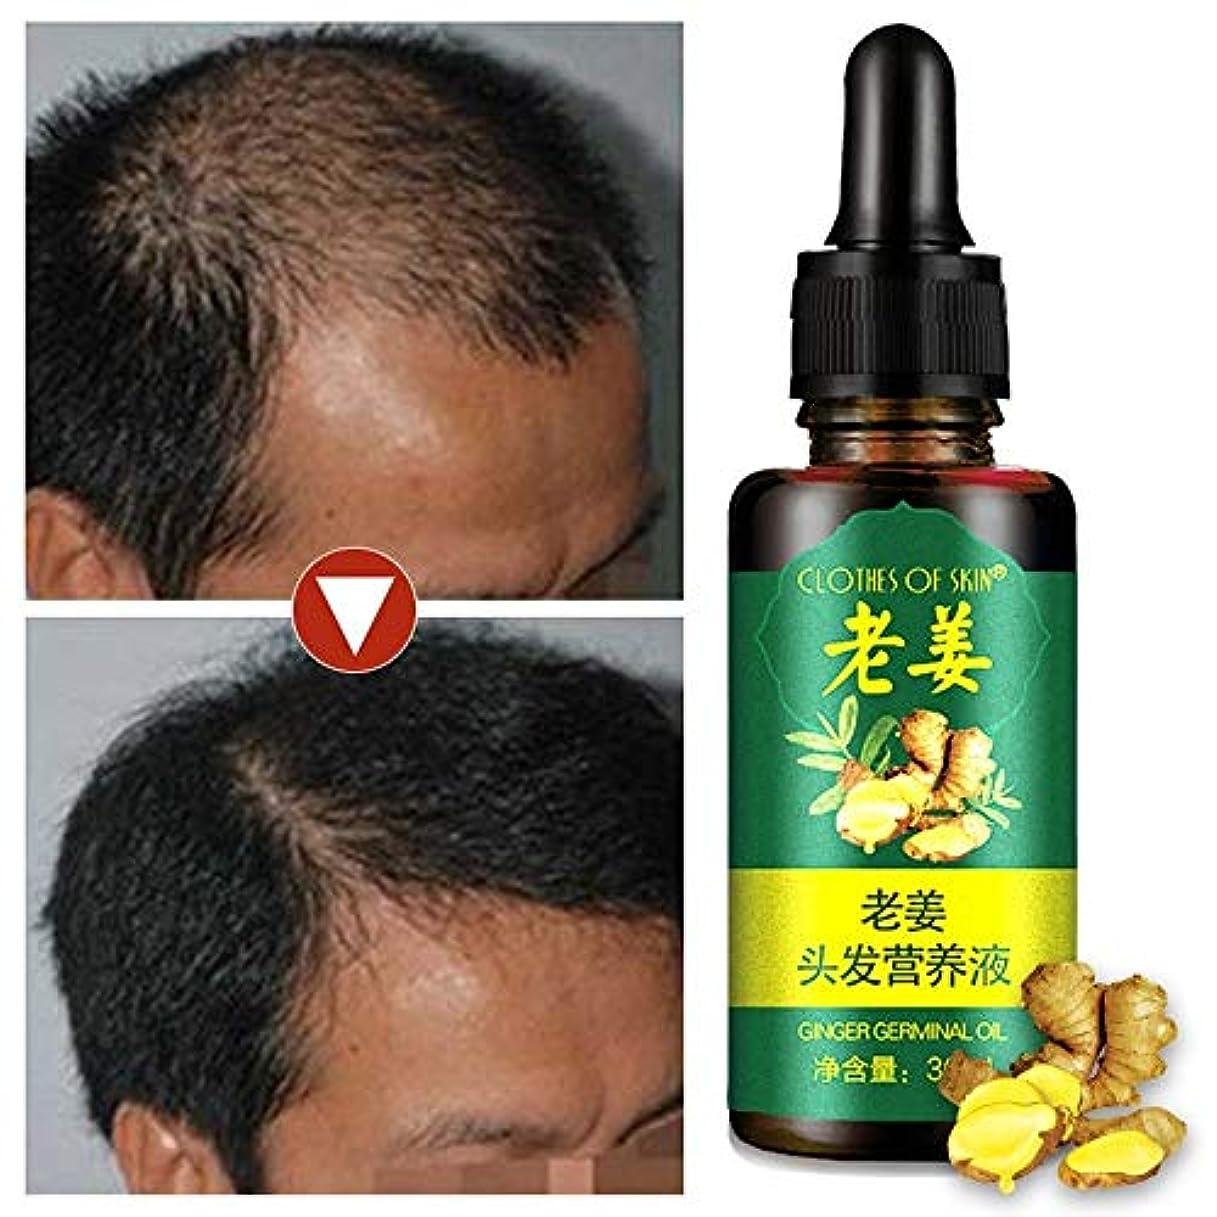 赤道もろいセールスマン男性と女性のための新しいジンジャー胚油脱毛治療エッセンシャルオイル脱毛治療30 ml